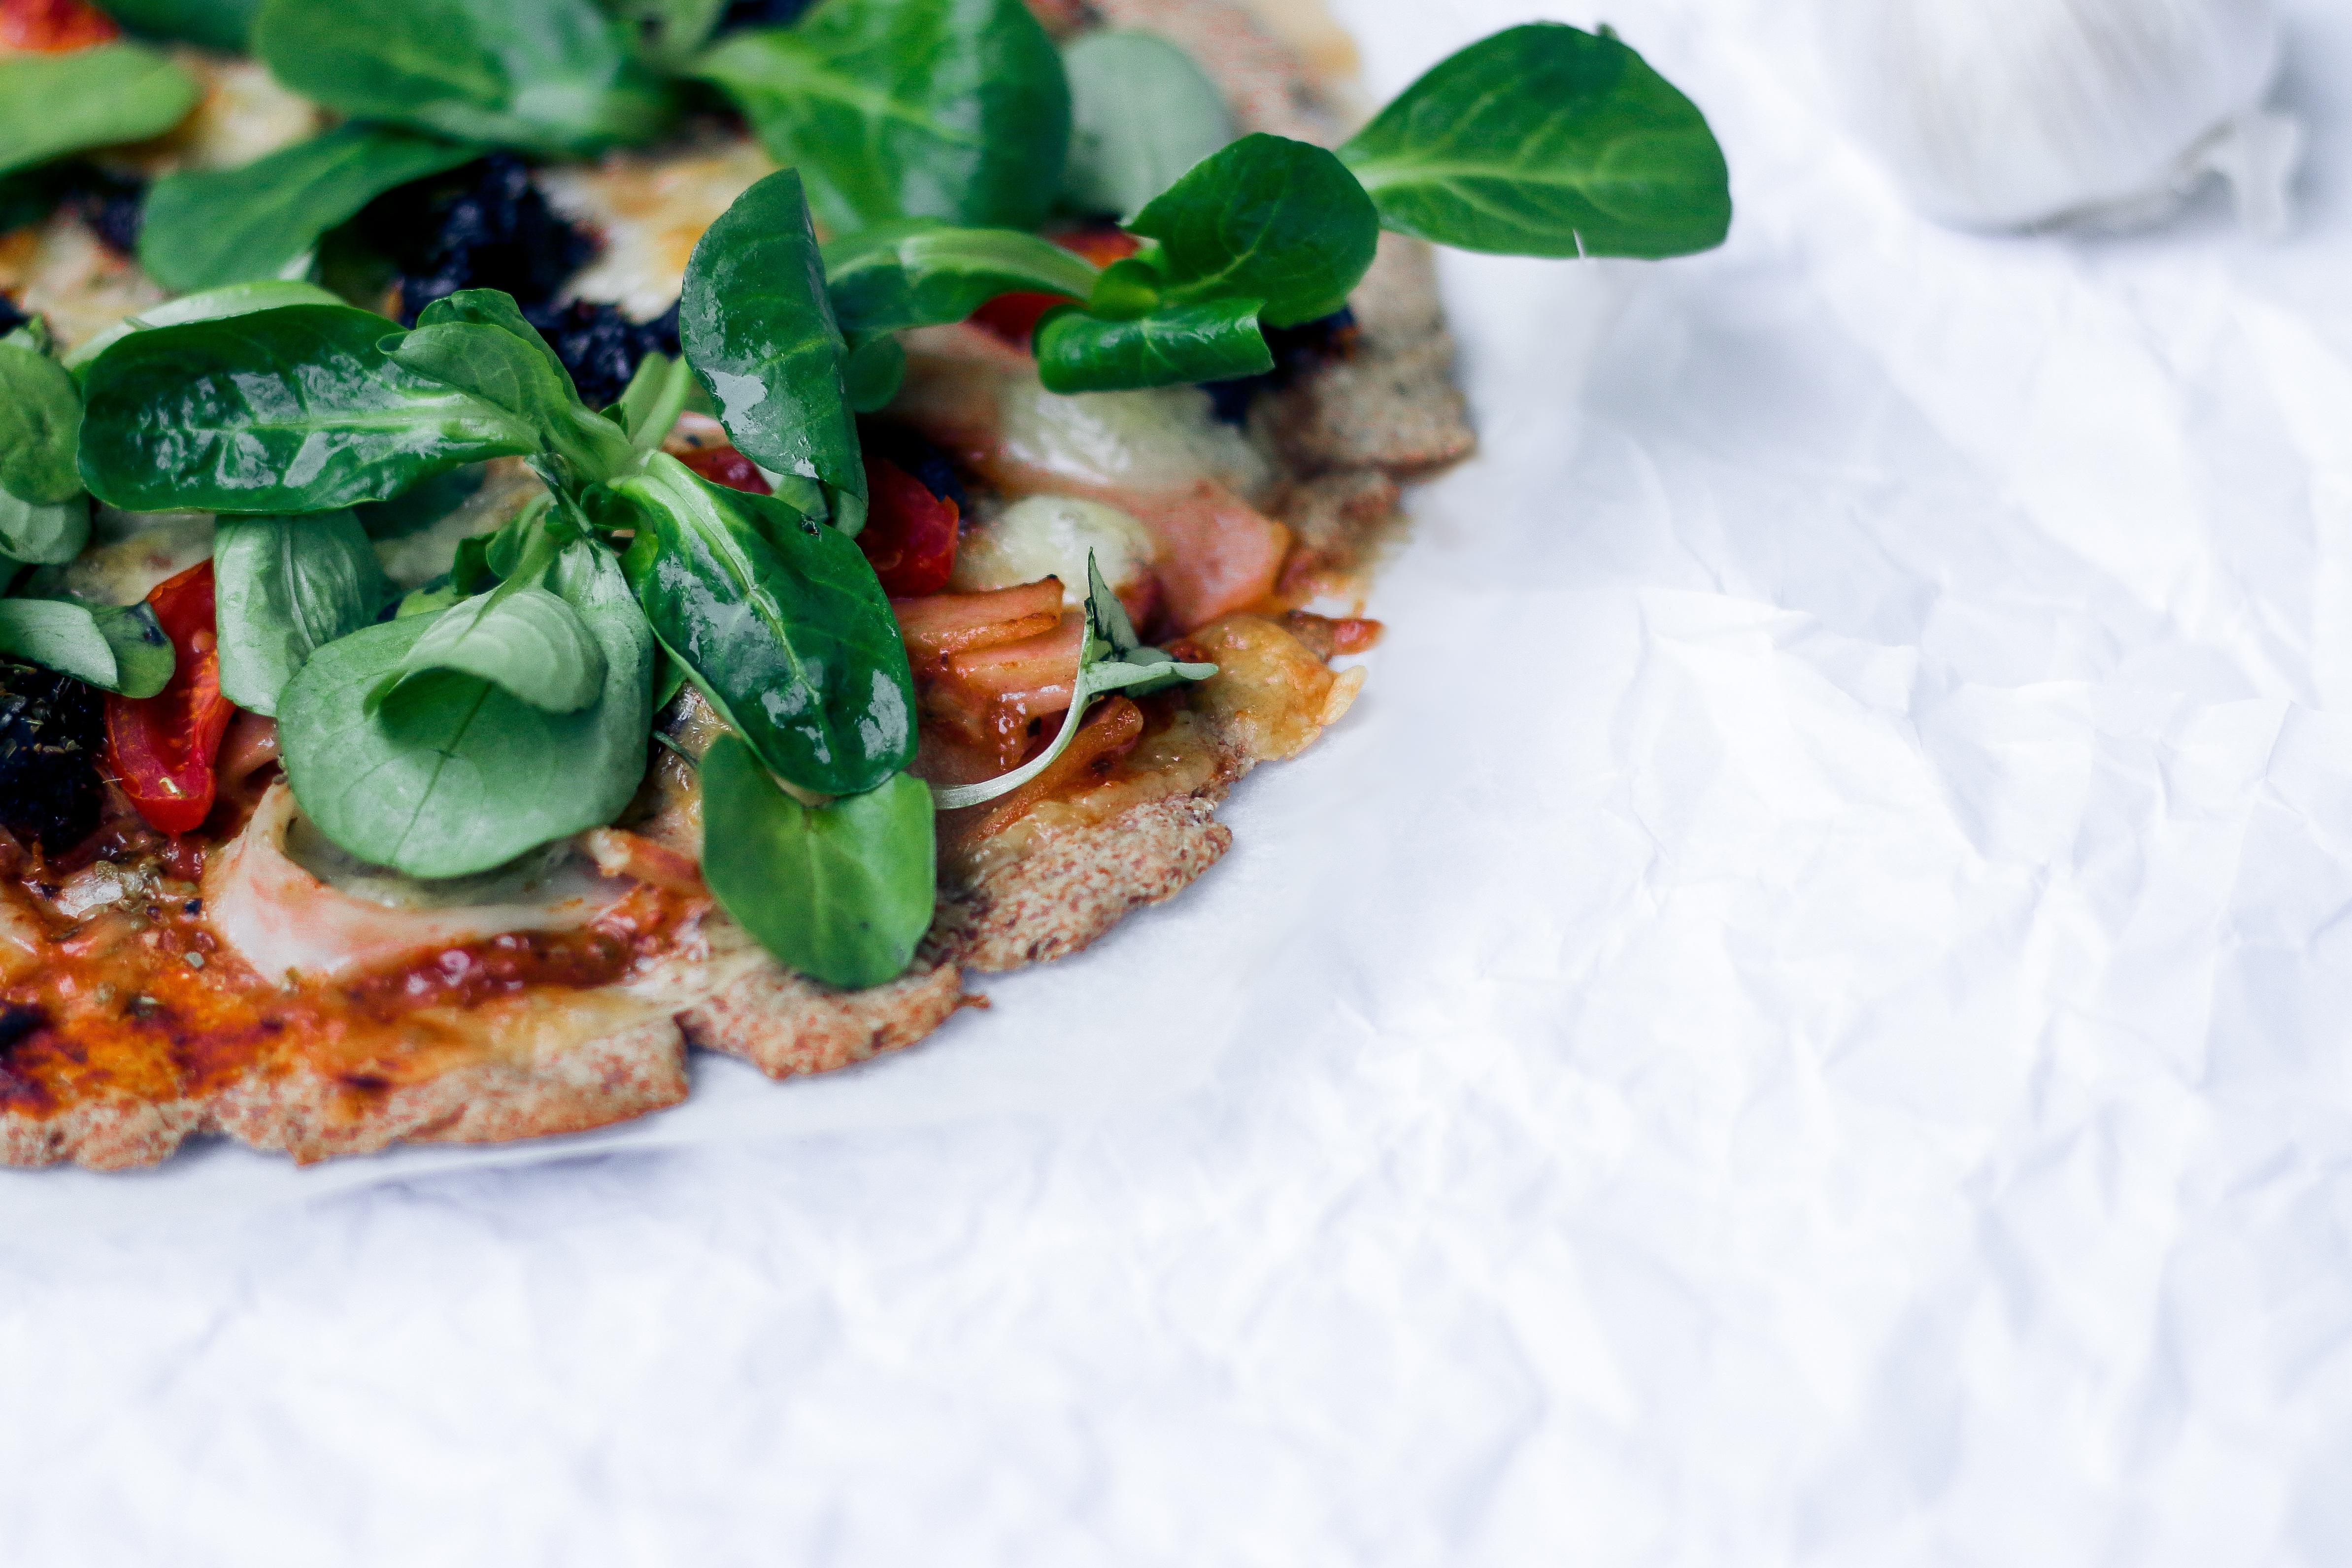 Fotos gratis plato cocina produce vegetal fresco for Cocinar comida sana